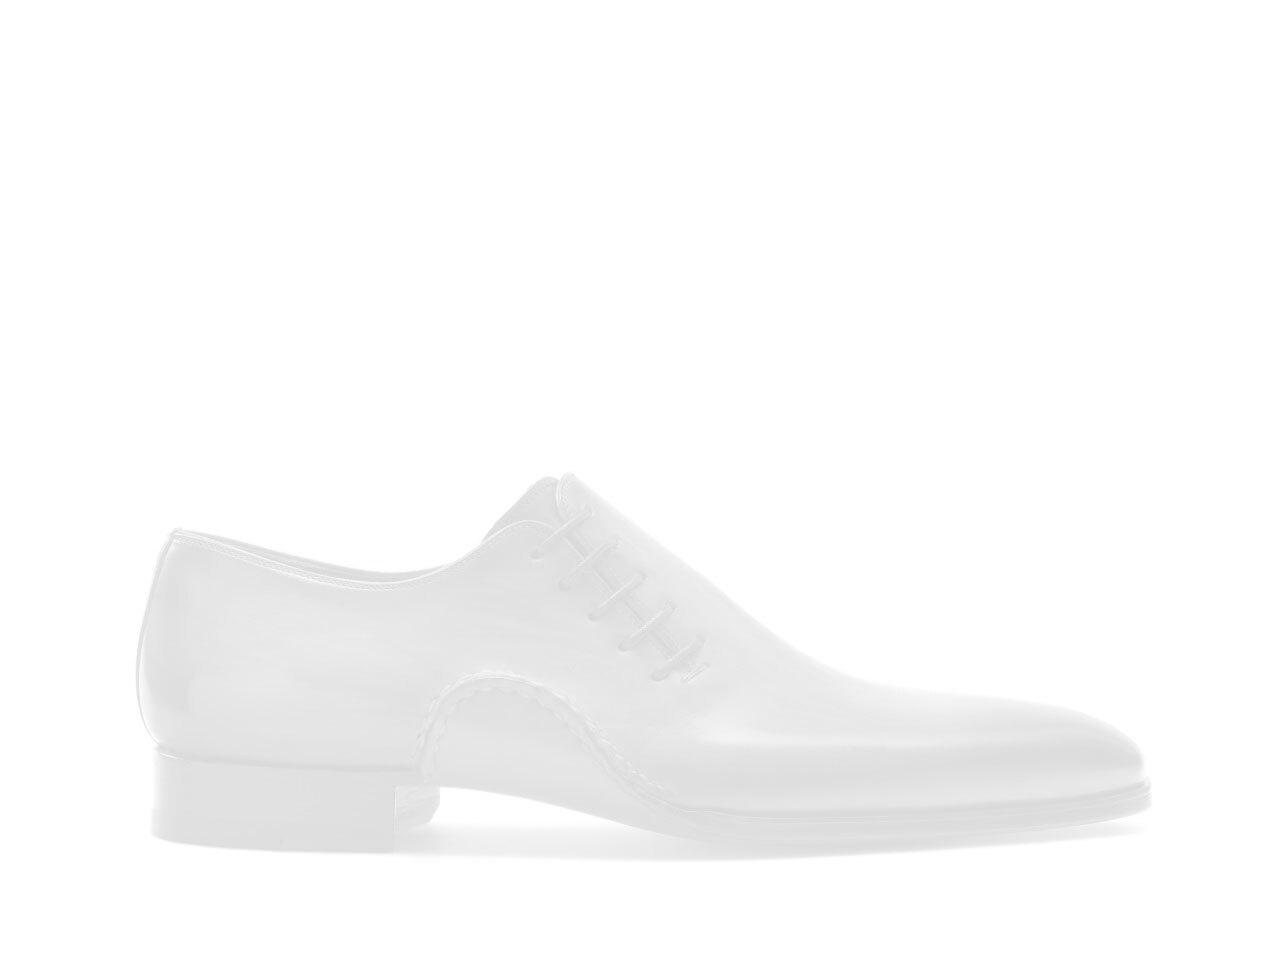 Pair of the Magnanni Camarena Cuero Men's Sneakers